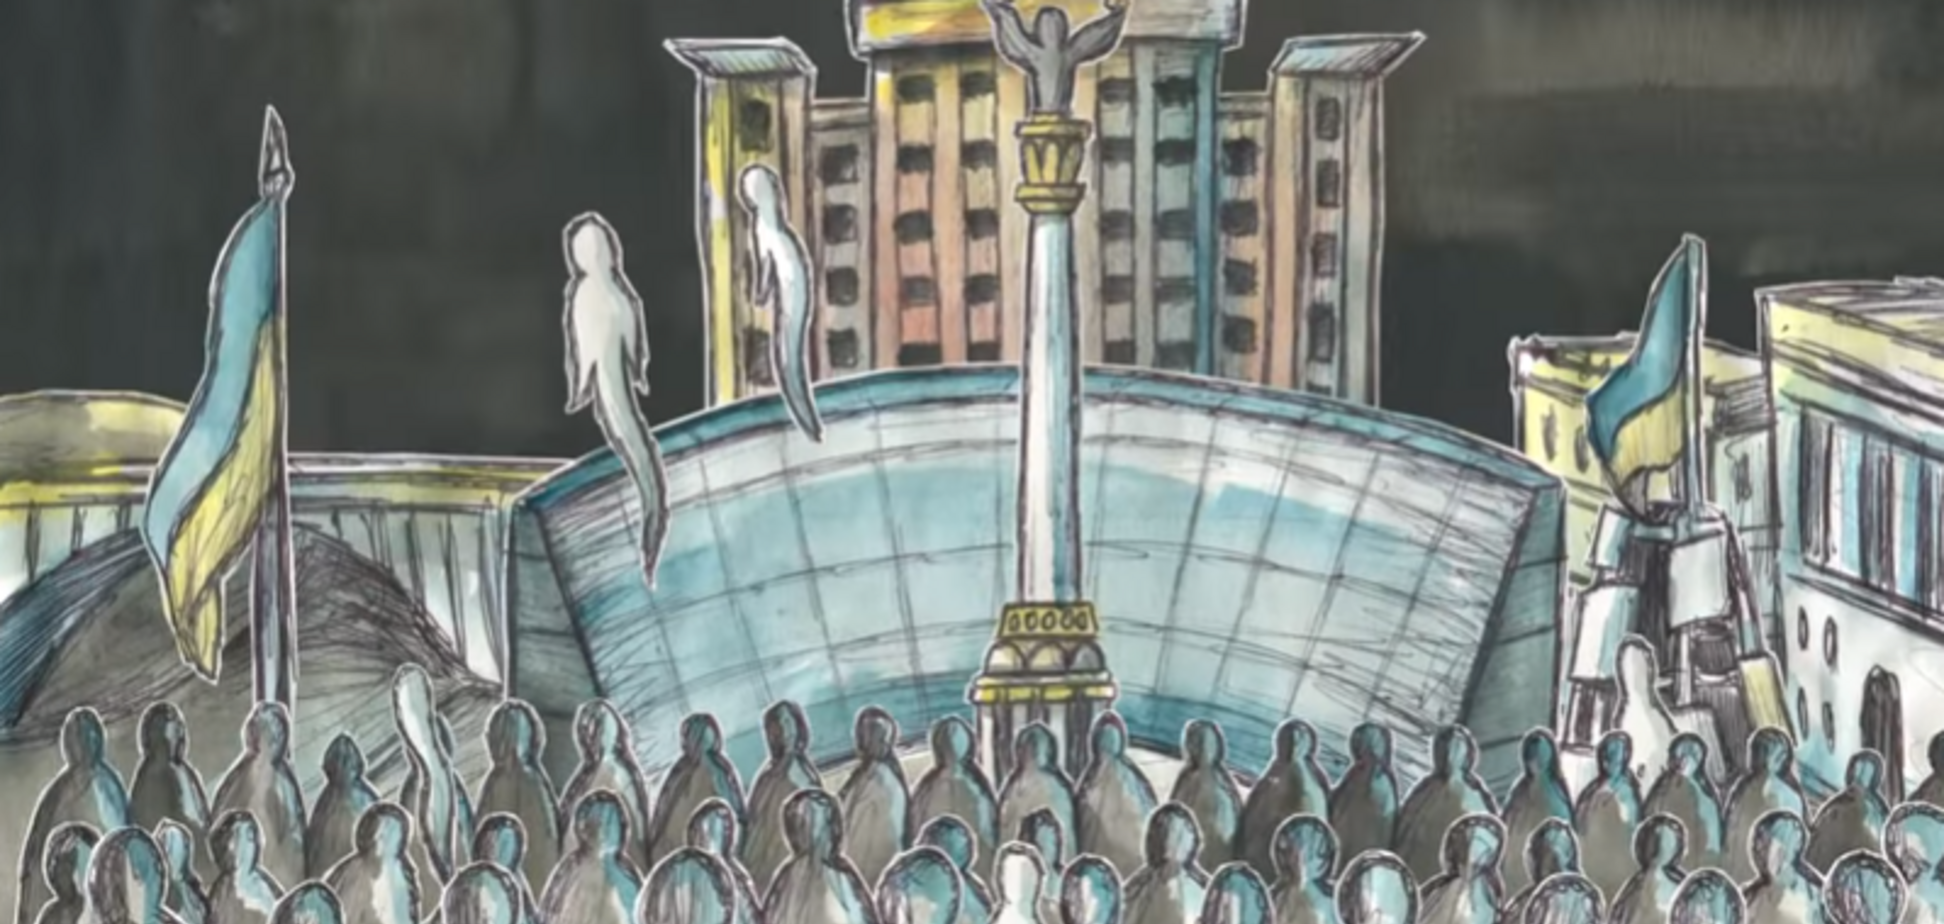 История Украины за 5 минут: ТНМК презентовал интересную анимацию